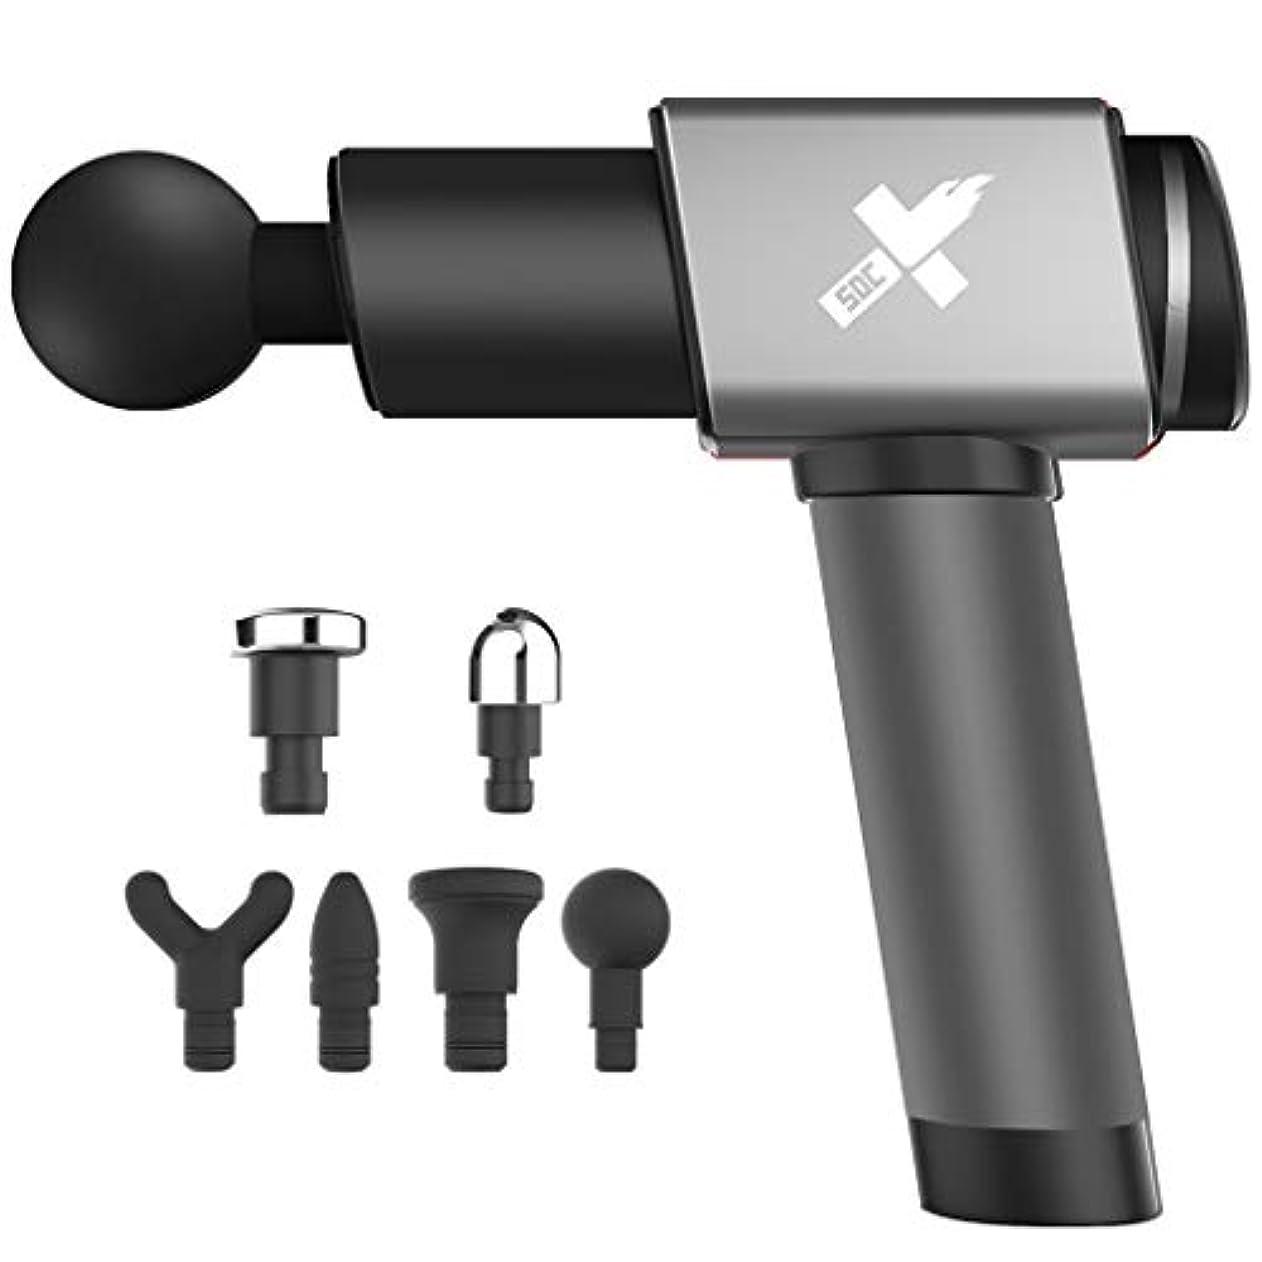 クマノミインドパース筋肉マッサージ銃、6つの調節可能な速度の専門の手持ち型の振動マッサージャー装置、コードレス電気打楽器全身筋肉マッサージ装置。